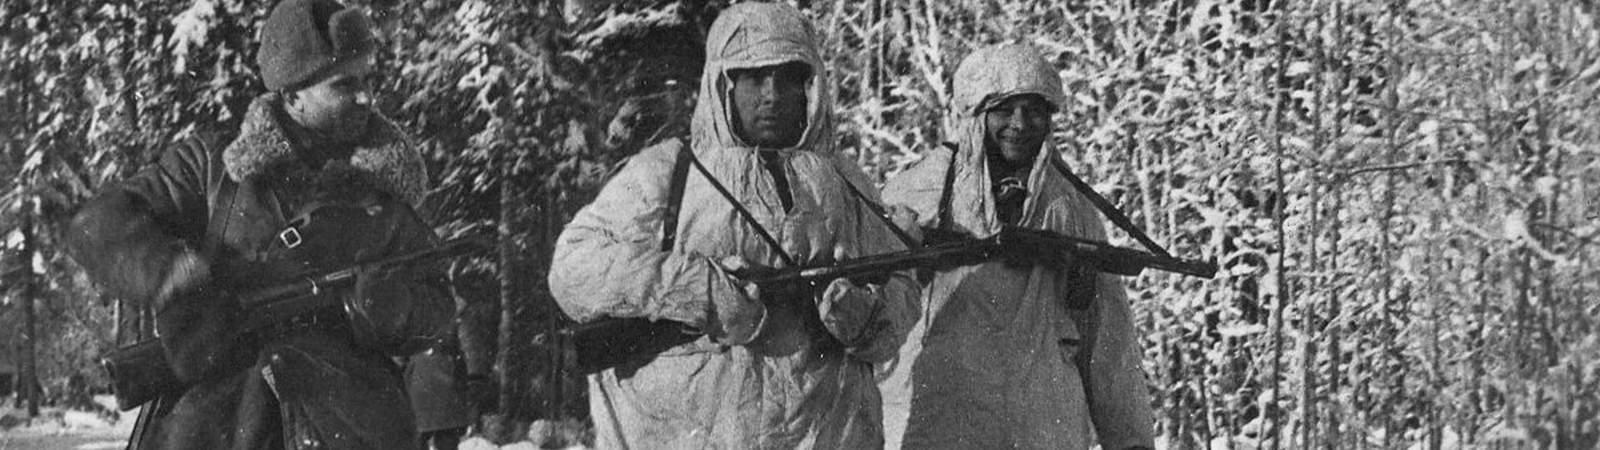 Разведчики 1942год